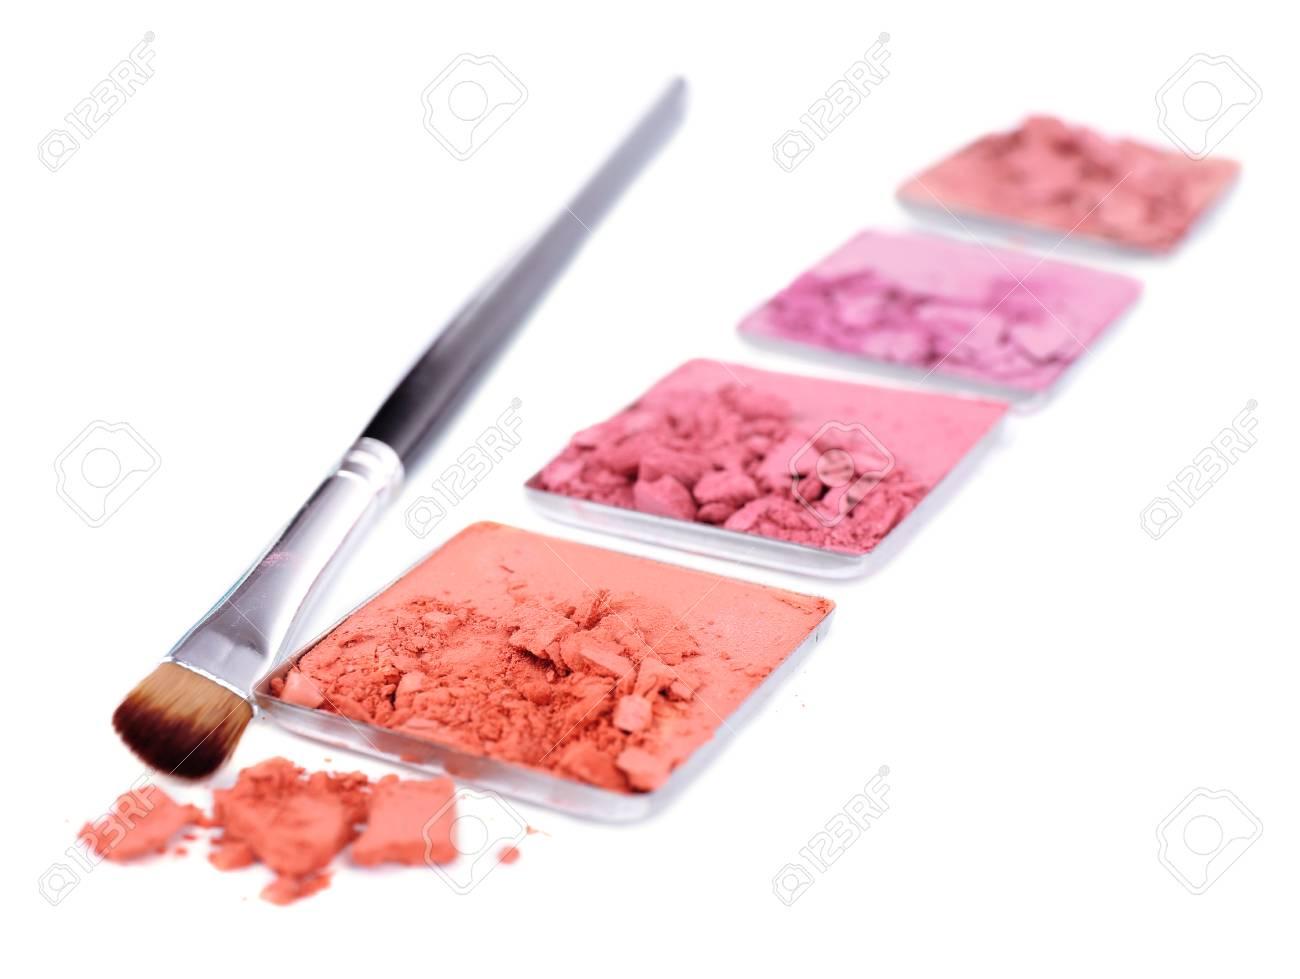 Crushed eyeshadow with brush isolated on white Stock Photo - 28339328